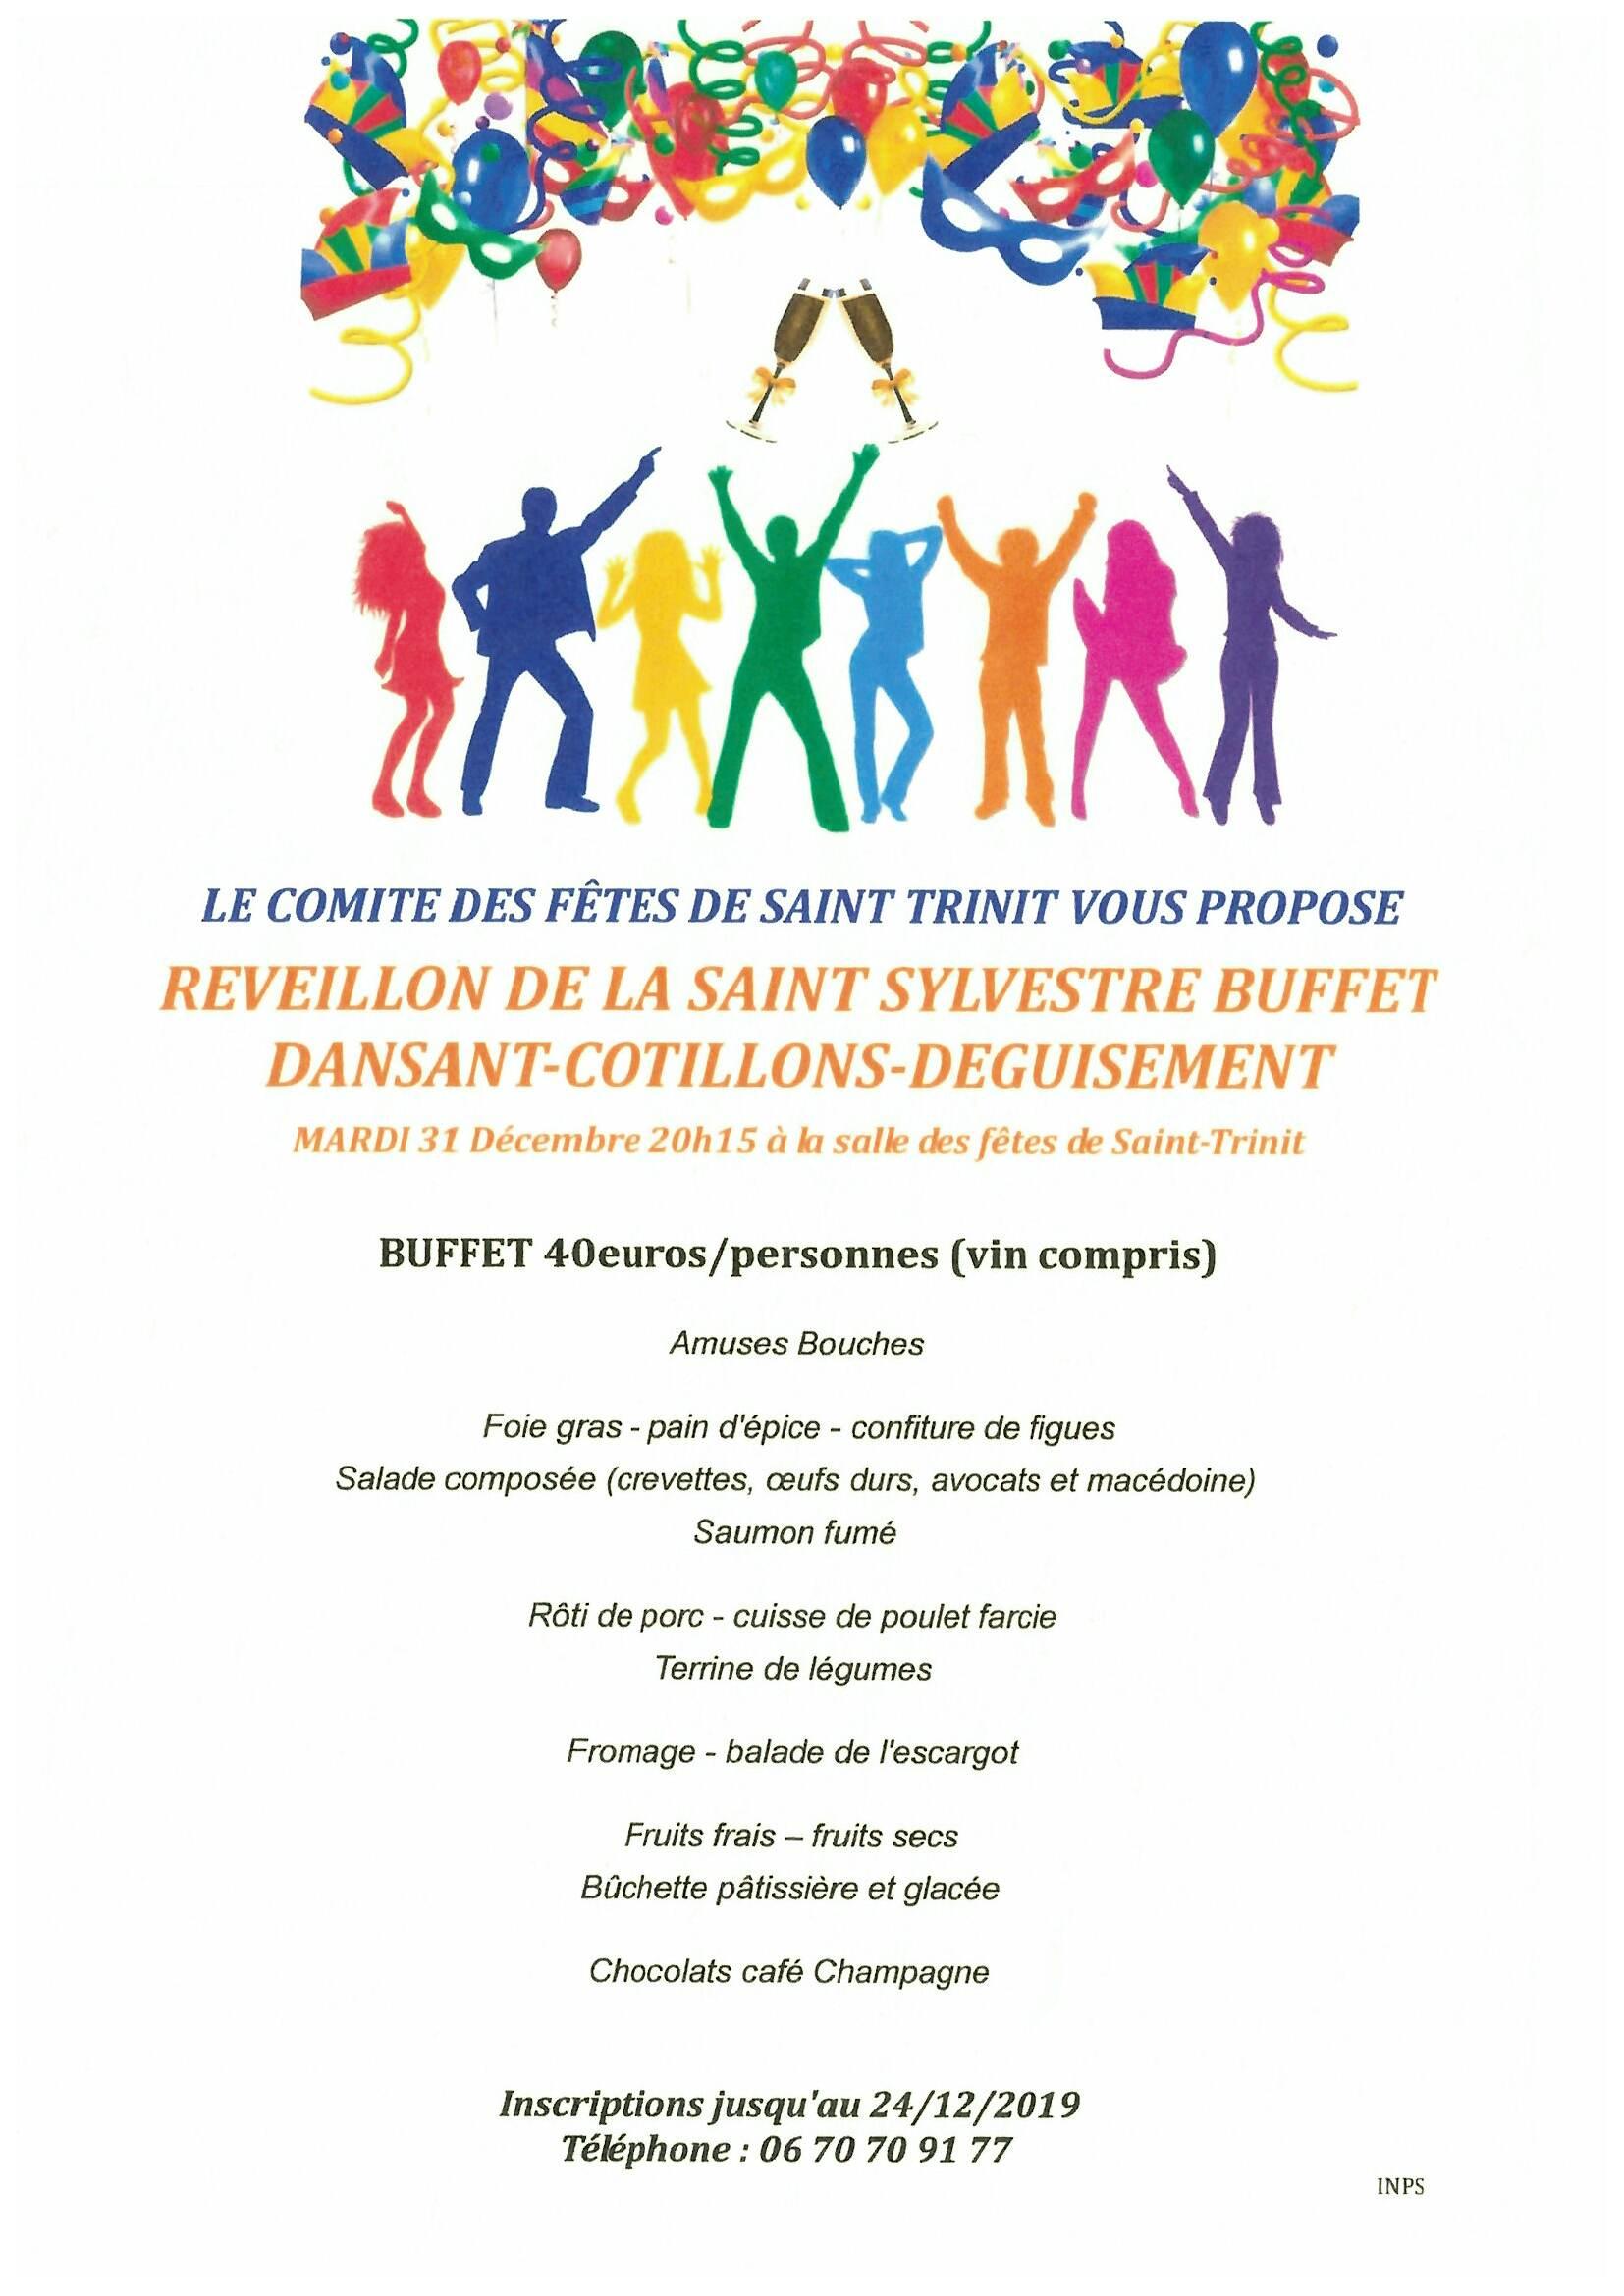 Réveillon Saint-Sylvestre à Saint-Trinit